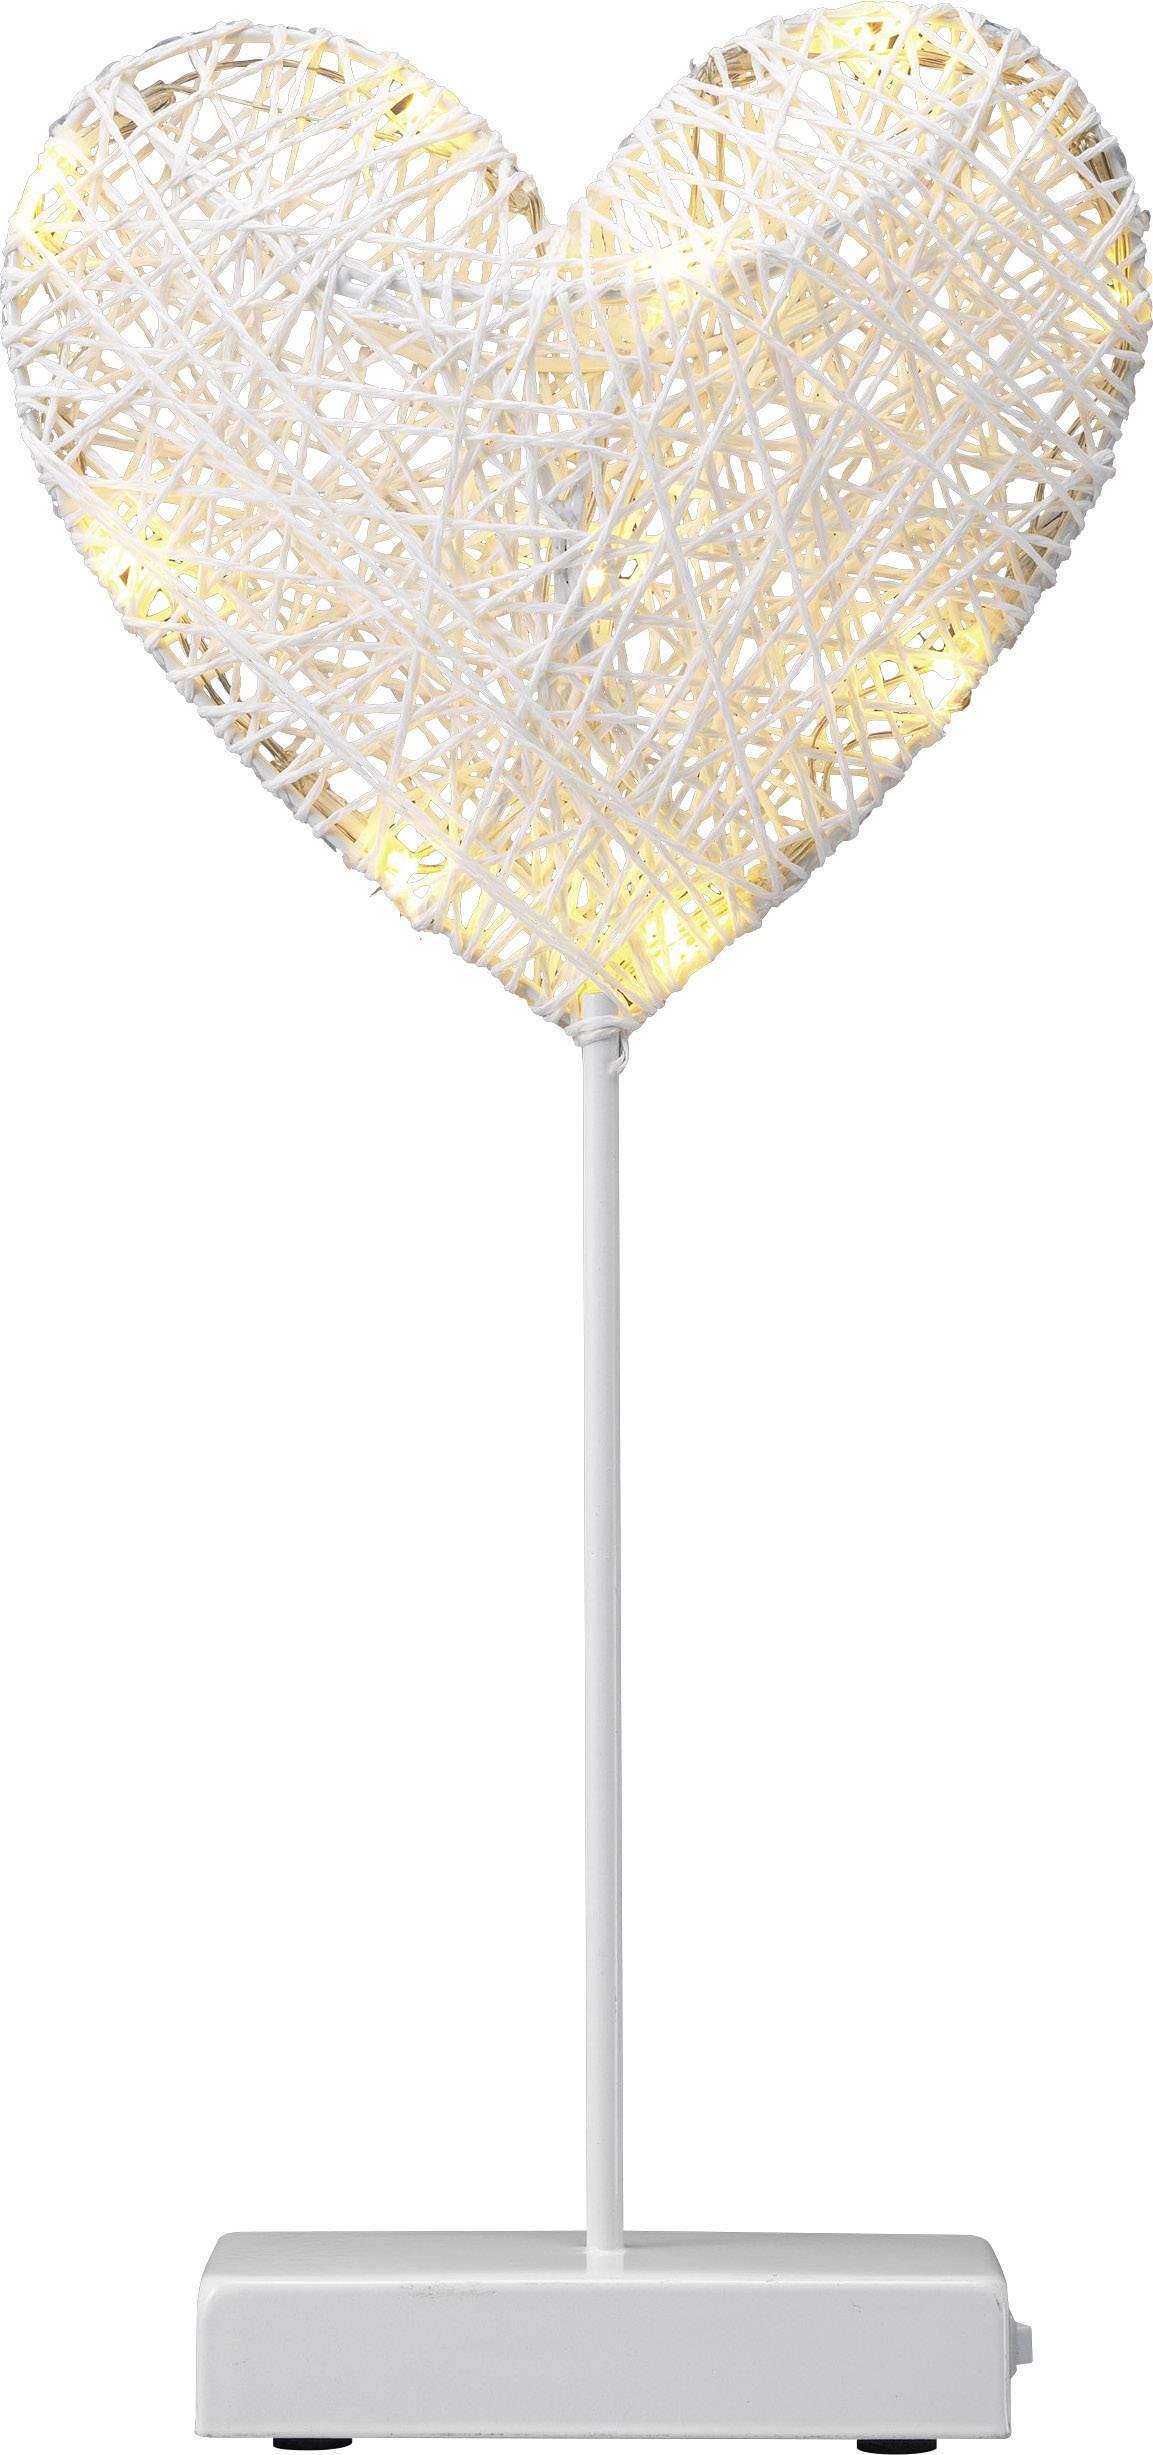 Srdce LED vánoční dekorace Polarlite 1233510, bílá